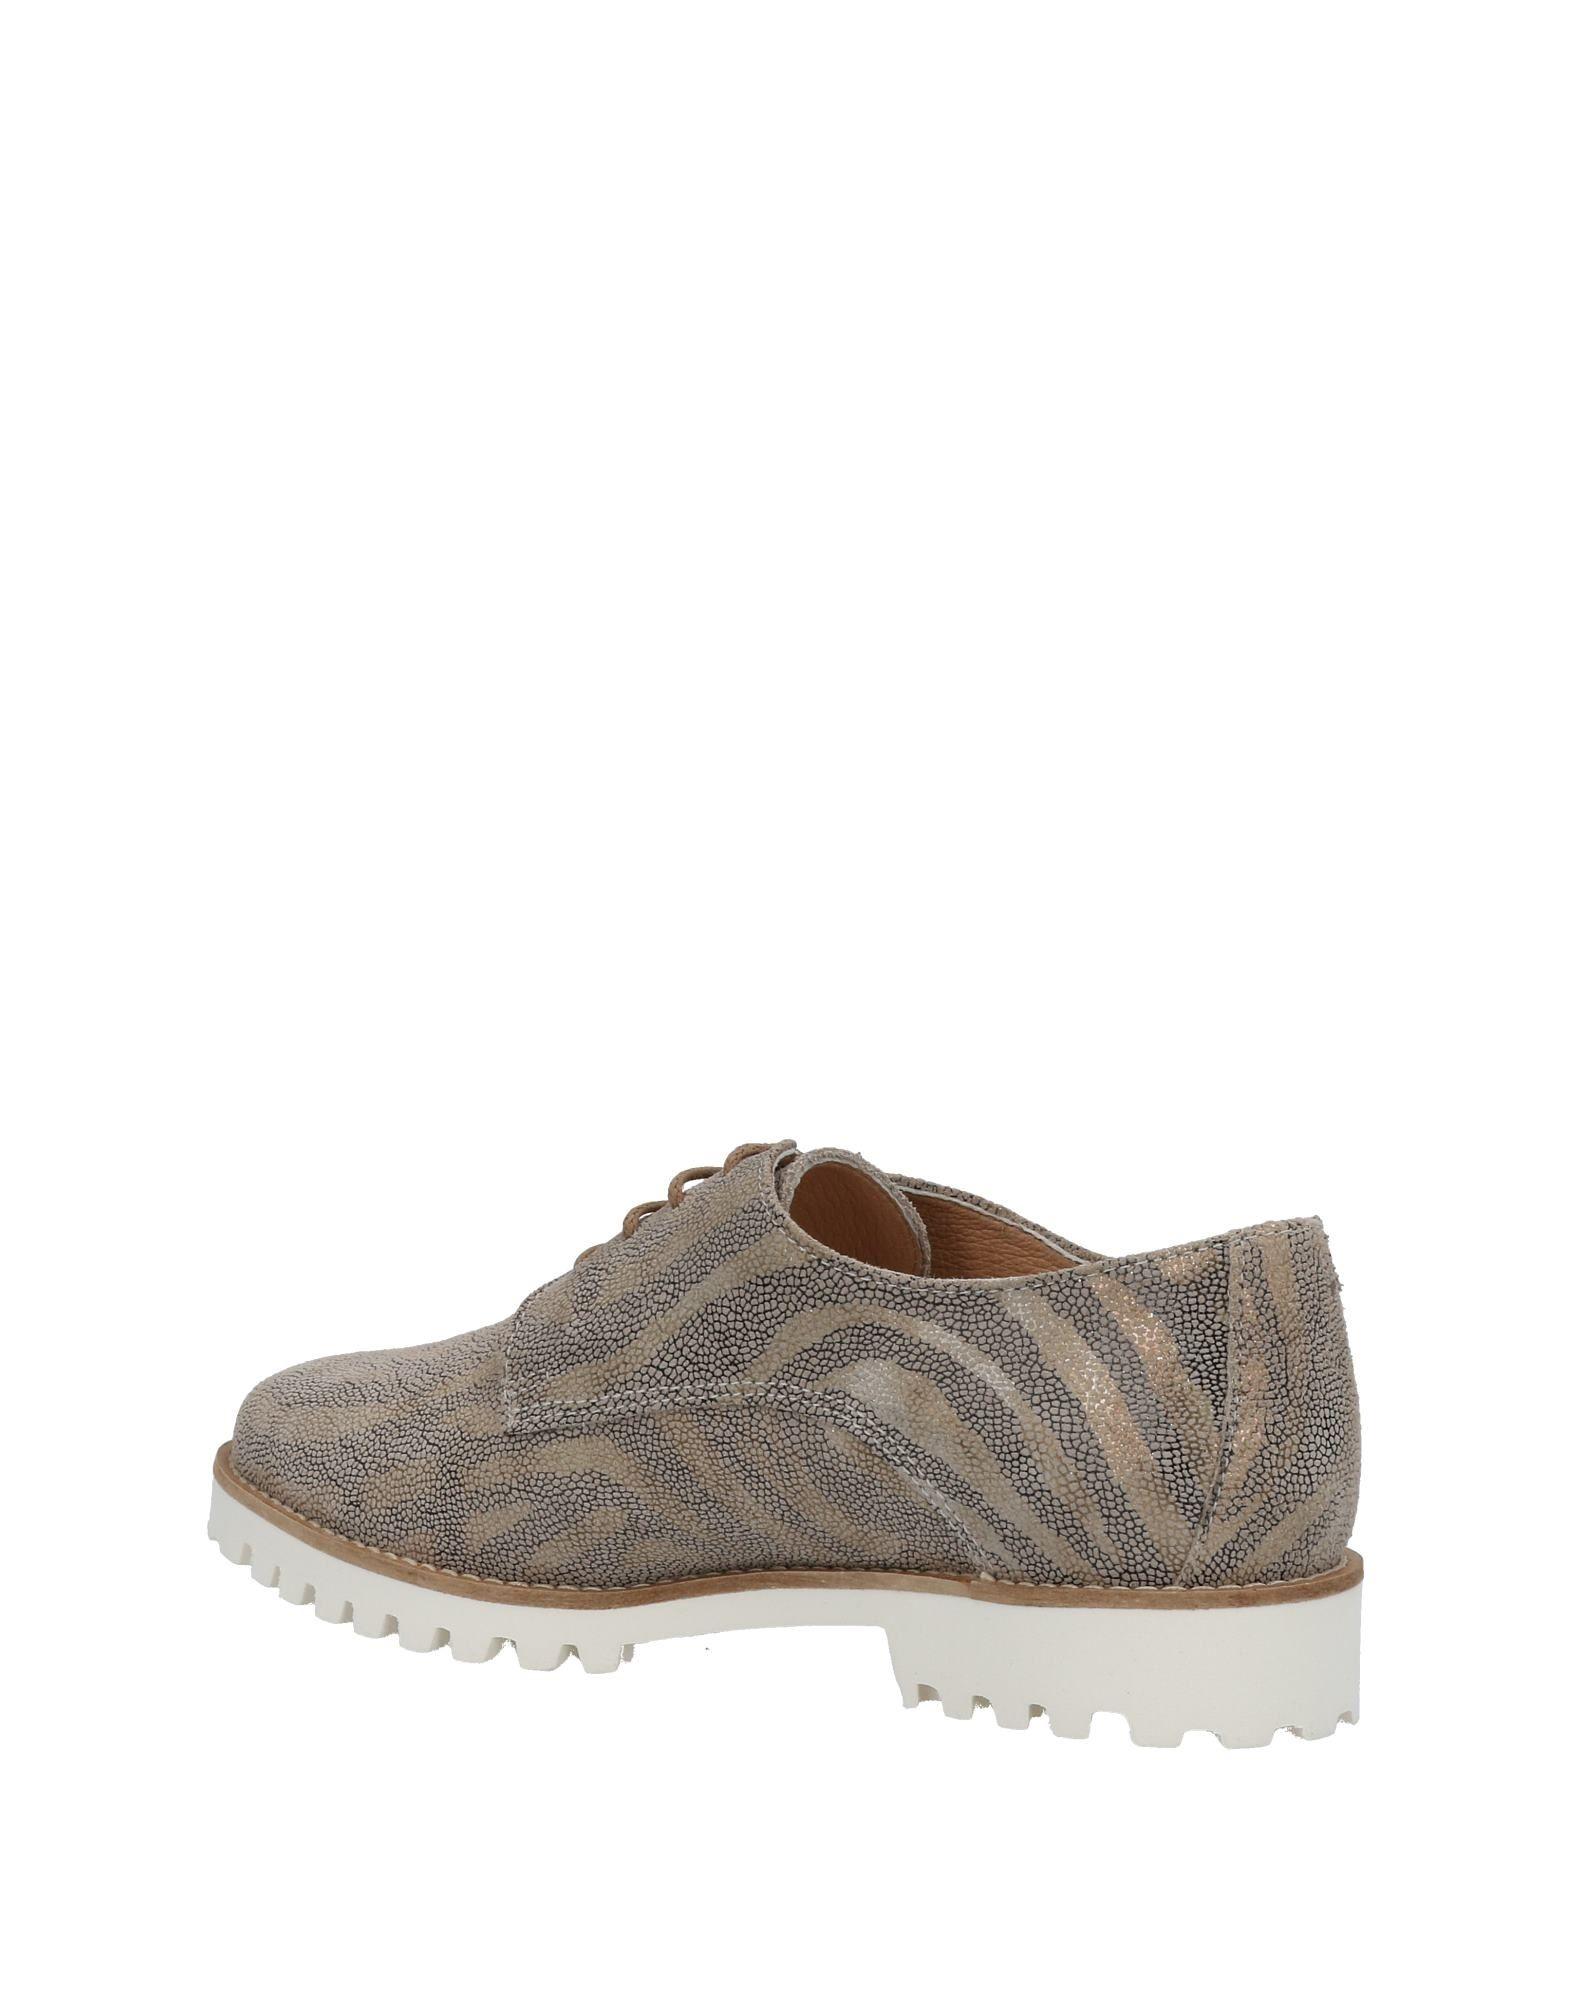 CHAUSSURES - Chaussures à lacetsLollipops LnqRNd